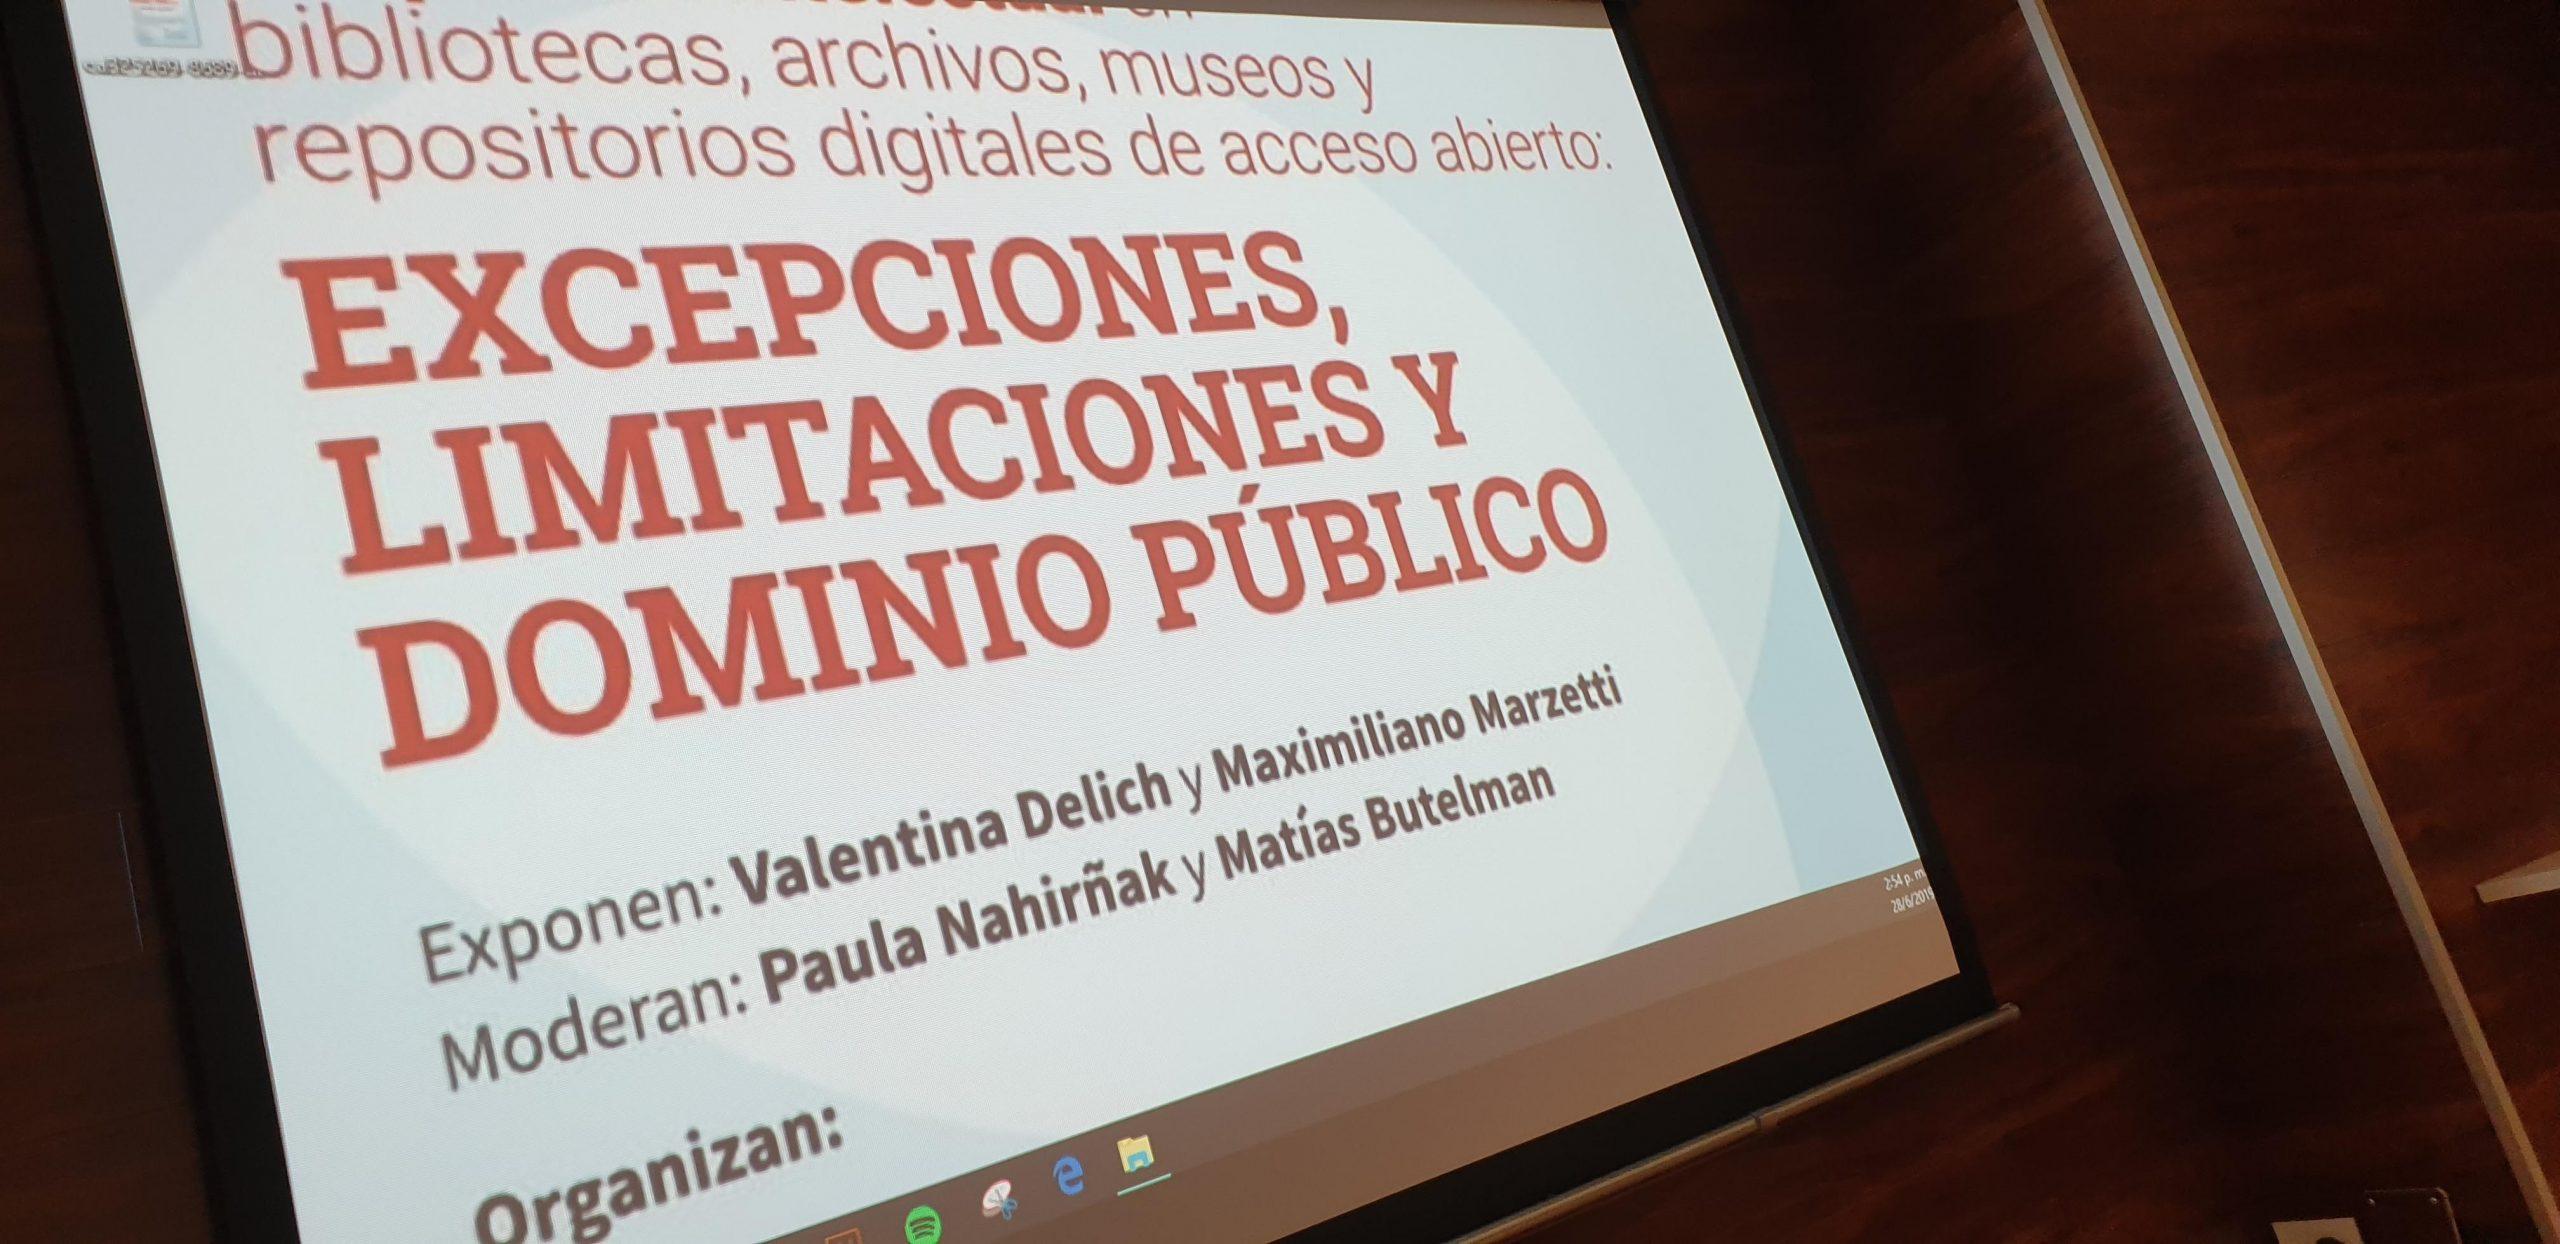 """""""Propiedad intelectual en bibliotecas, archivos, museos y repositorios digitales de acceso abierto: excepciones, limitaciones y domino público"""""""